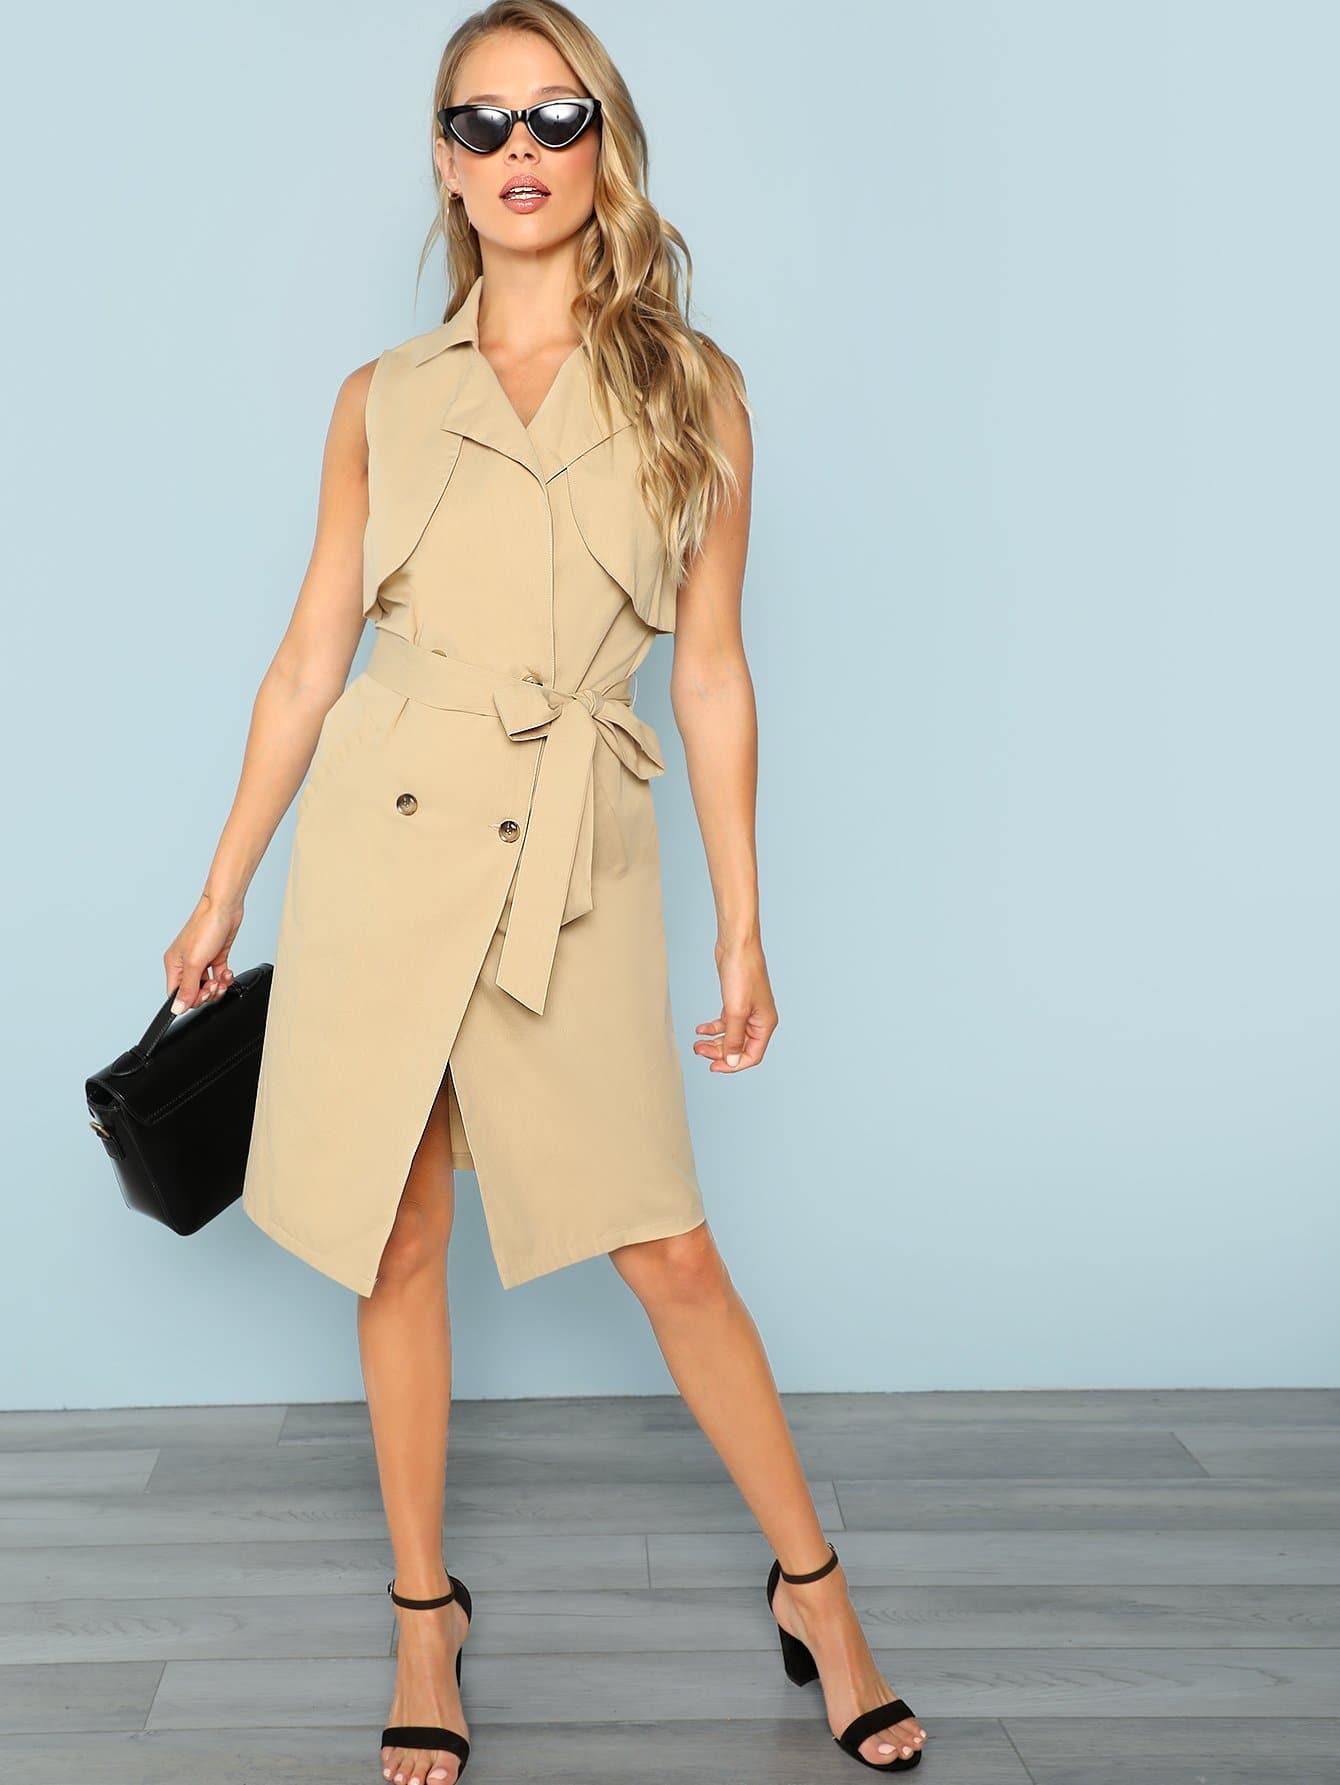 Платье Trench и с поясом и с отбортовками перед одежды, Allie Leggett, SheIn  - купить со скидкой